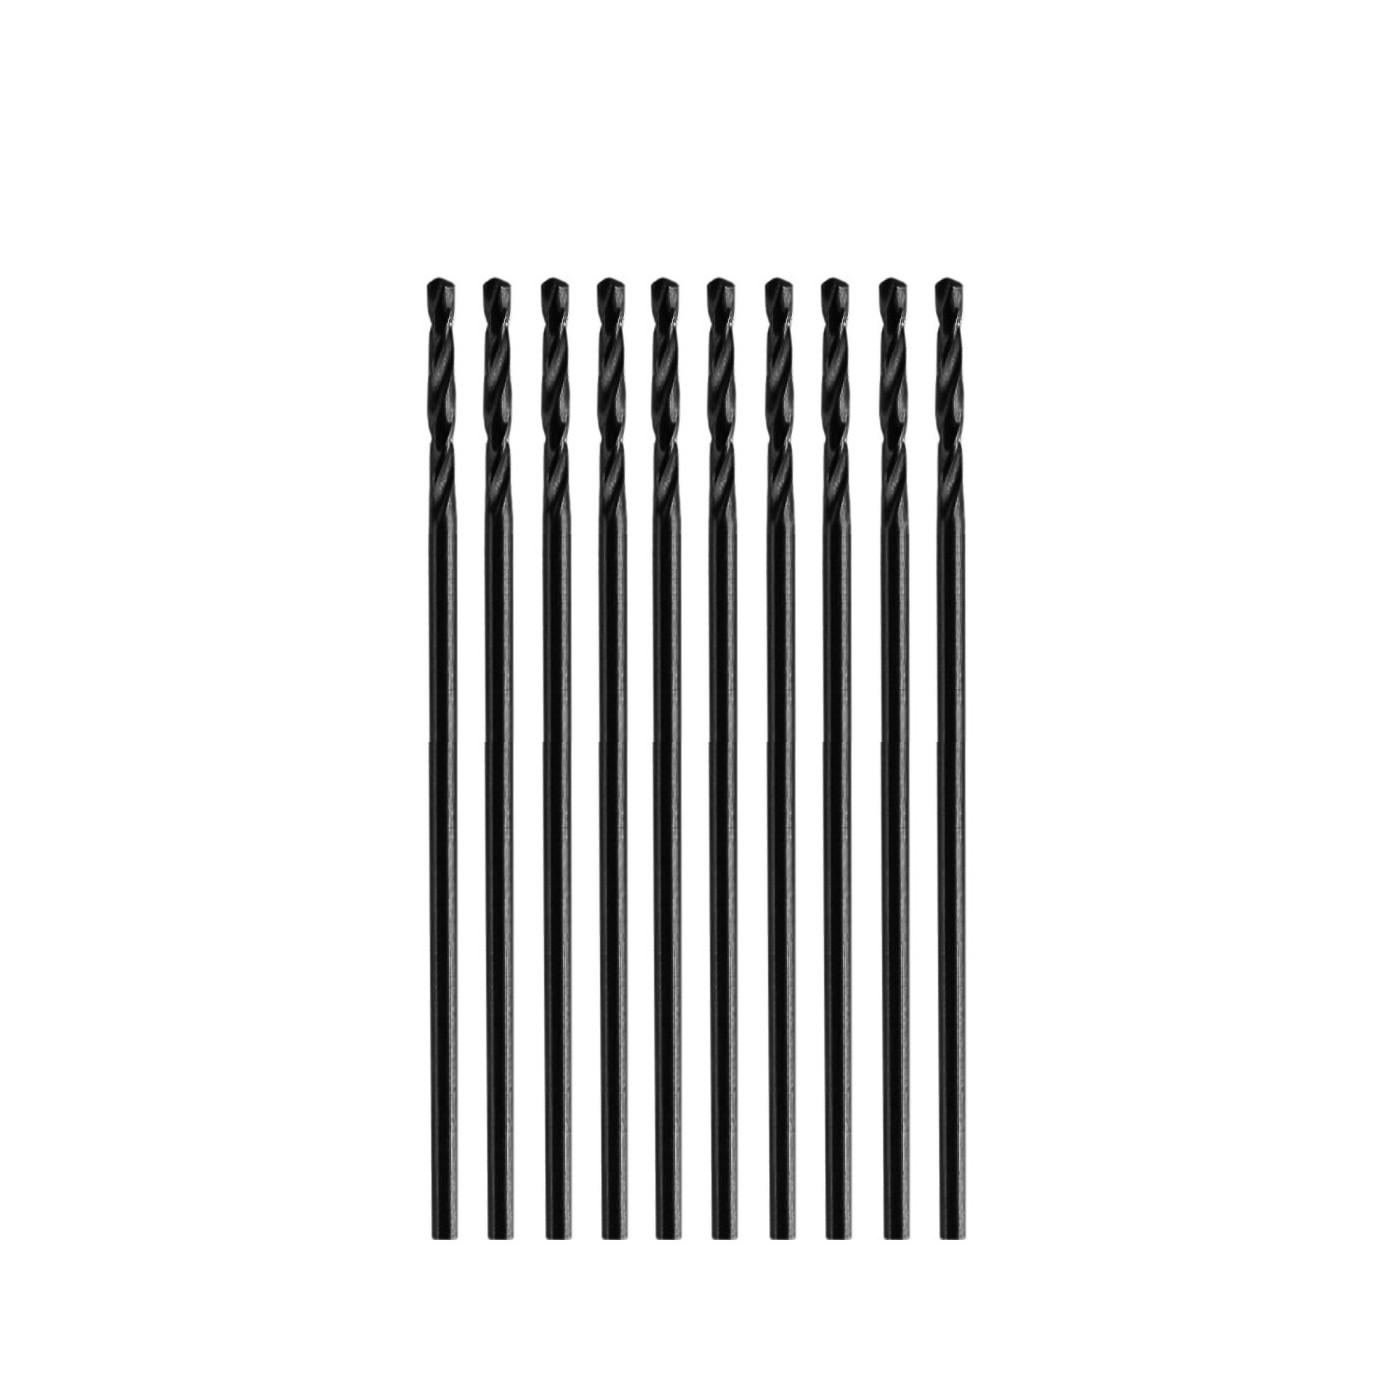 Set of 10 small metal drill bits (2.2x55 mm, HSS)  - 1